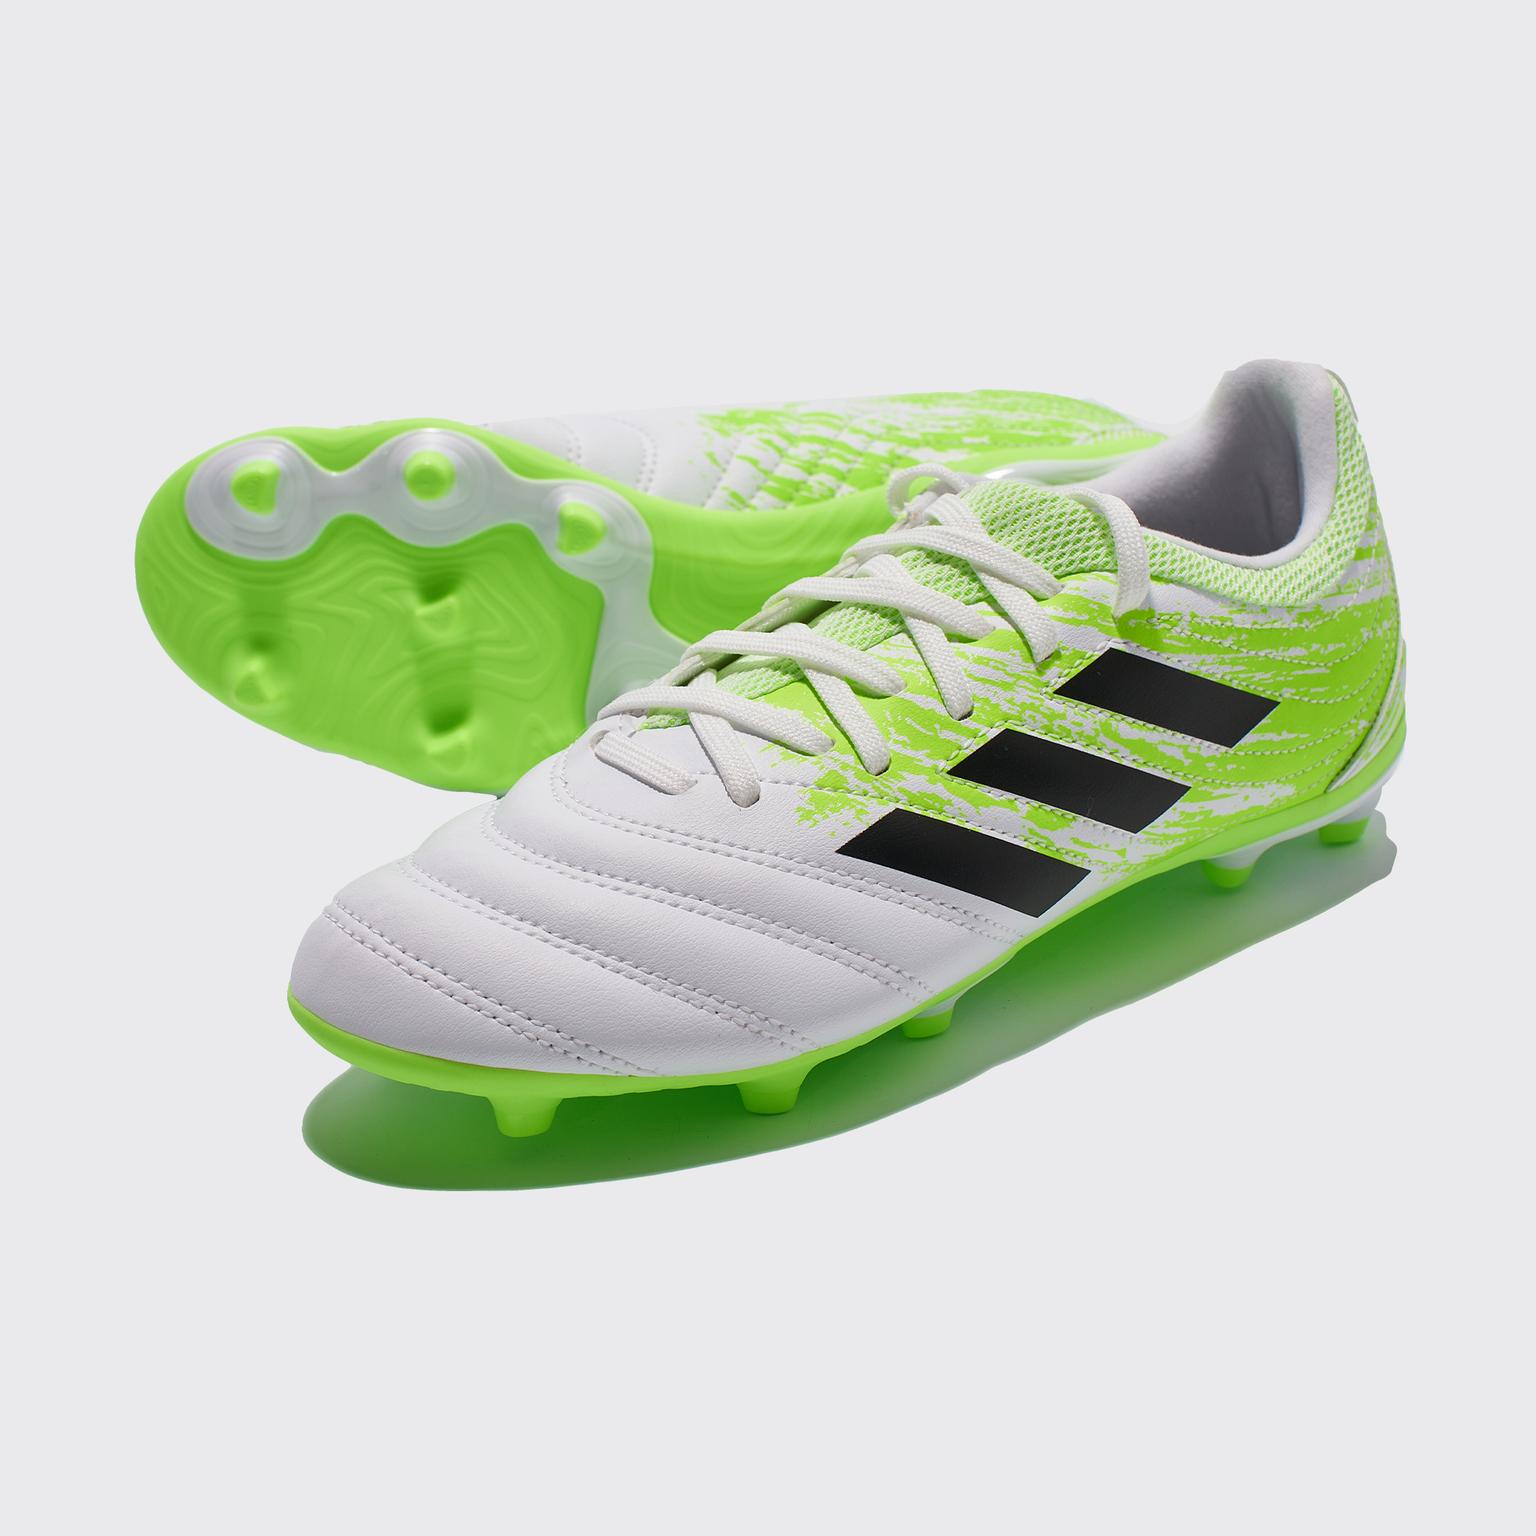 Бутсы детские Adidas Copa 20.3 FG EF1913 бутсы детские adidas copa 20 3 fg ef1913